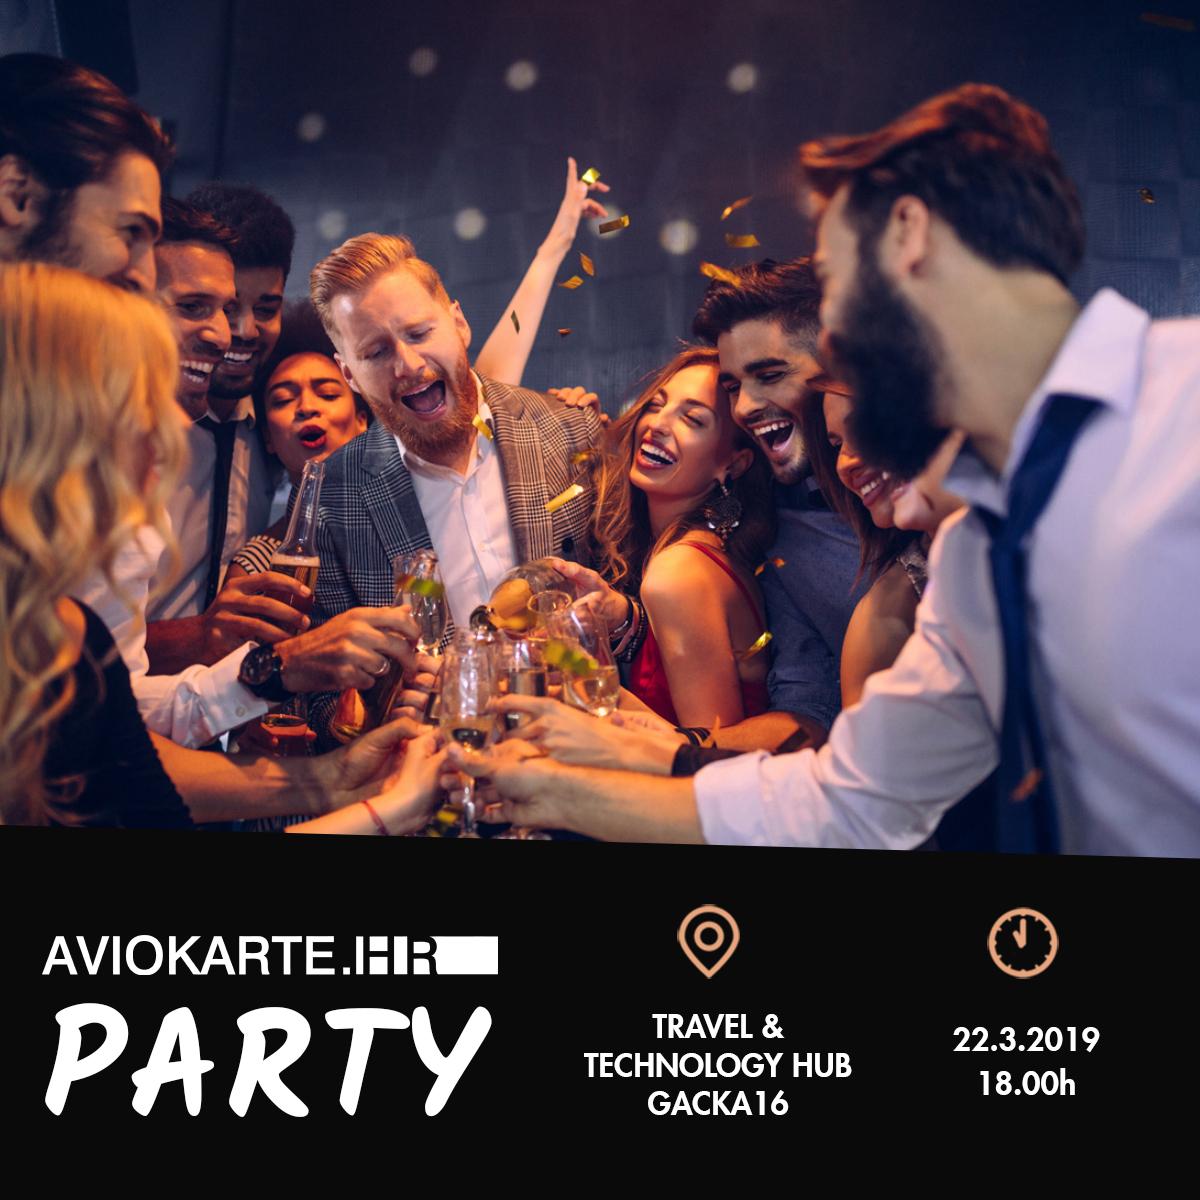 Aviokarte.hr brand party akcije